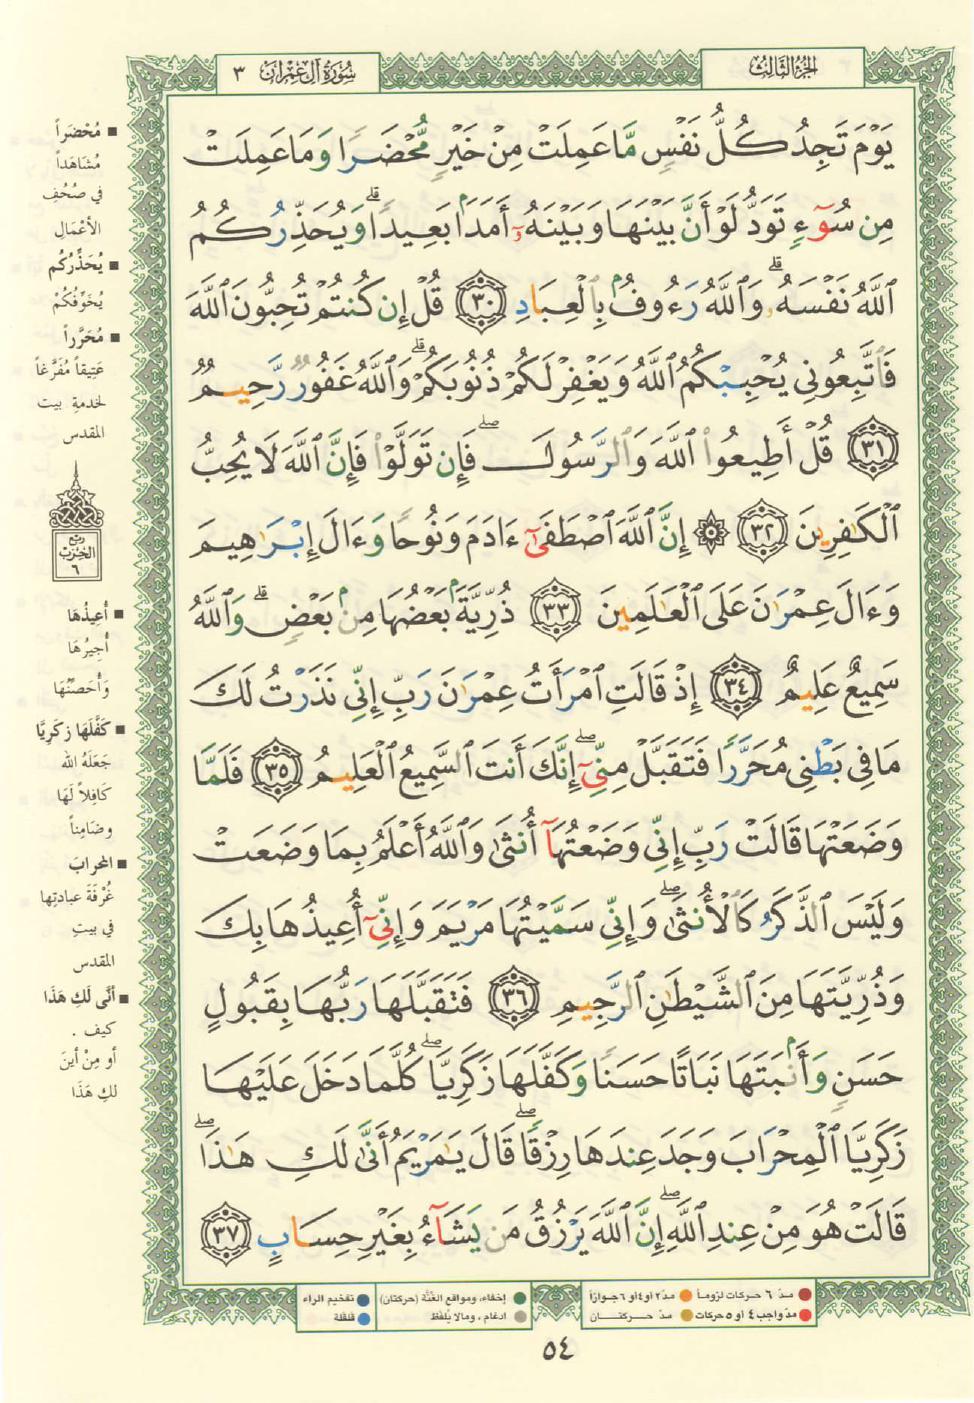 3. سورة آل عمران - Al-Imran مصورة من المصحف الشريف Quran_tajwid_000063